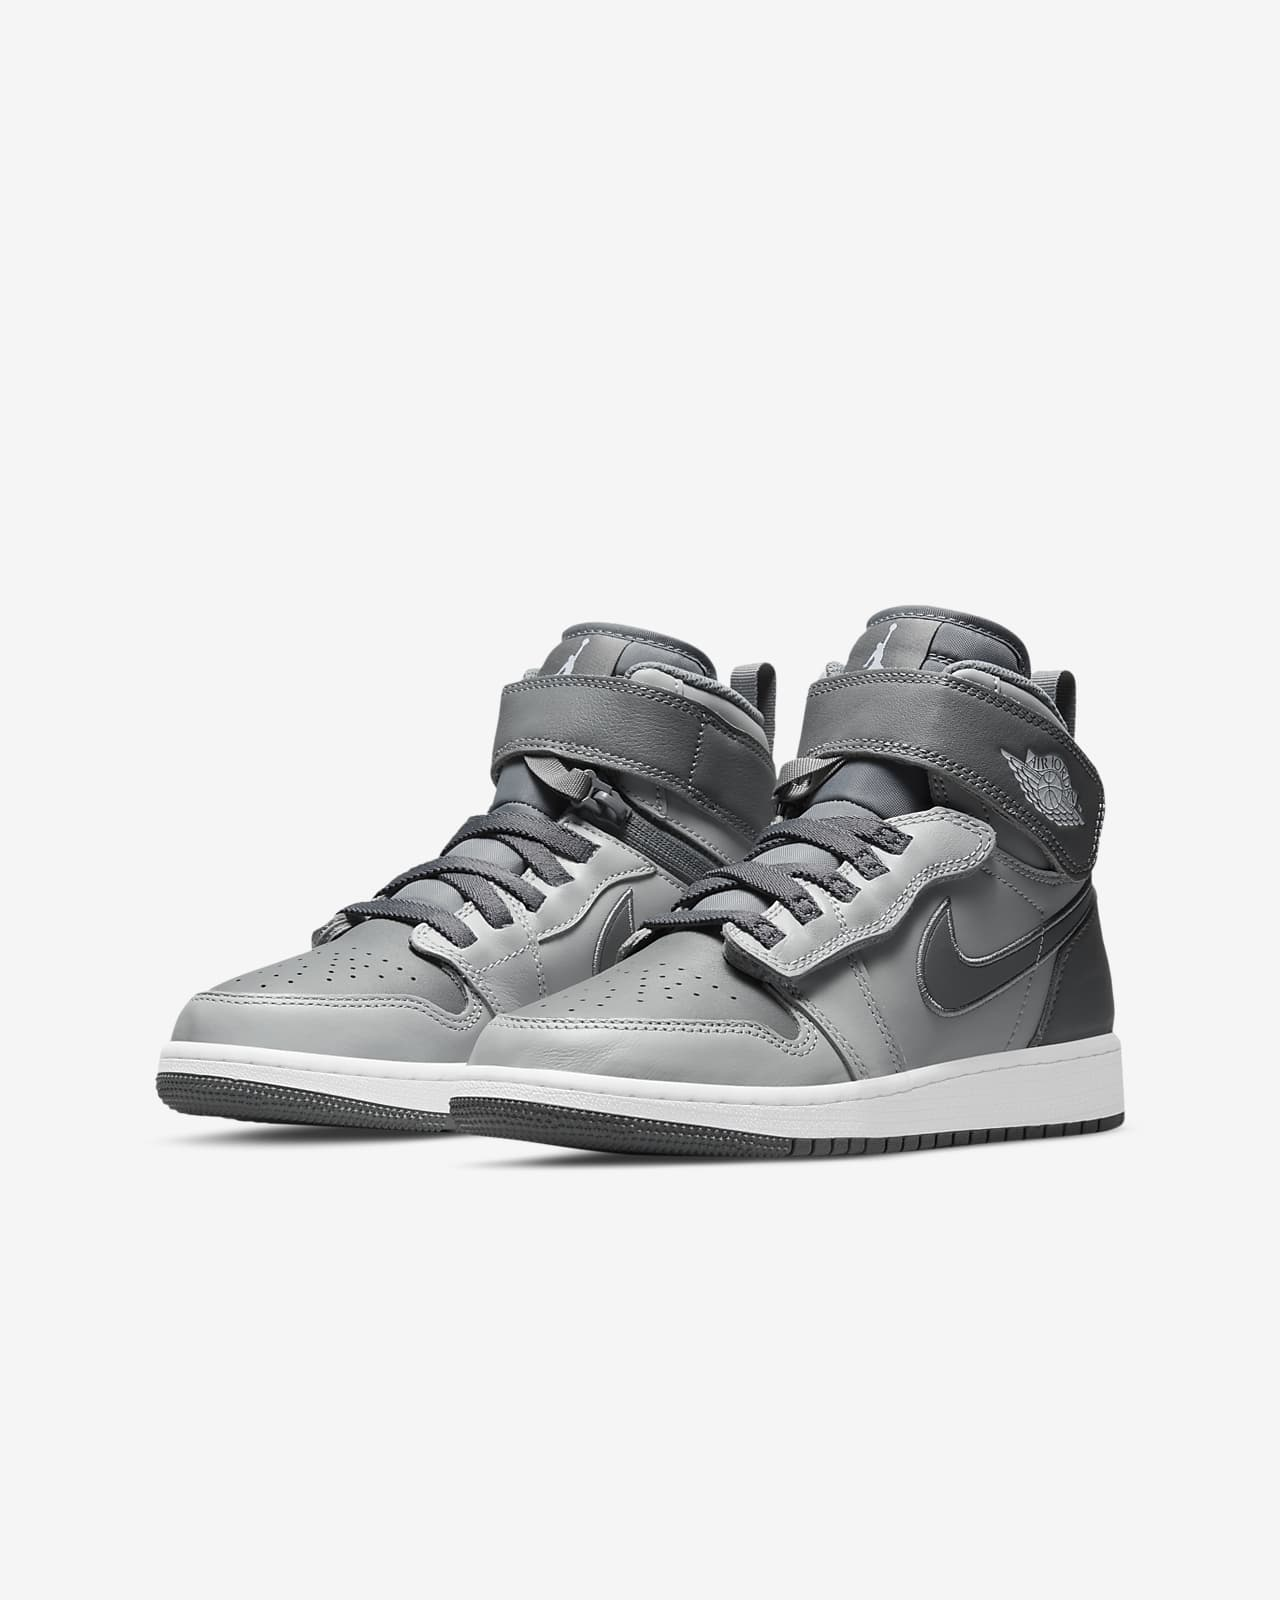 Air Jordan 1 Hi FlyEase Older Kids' Shoes. Nike LU